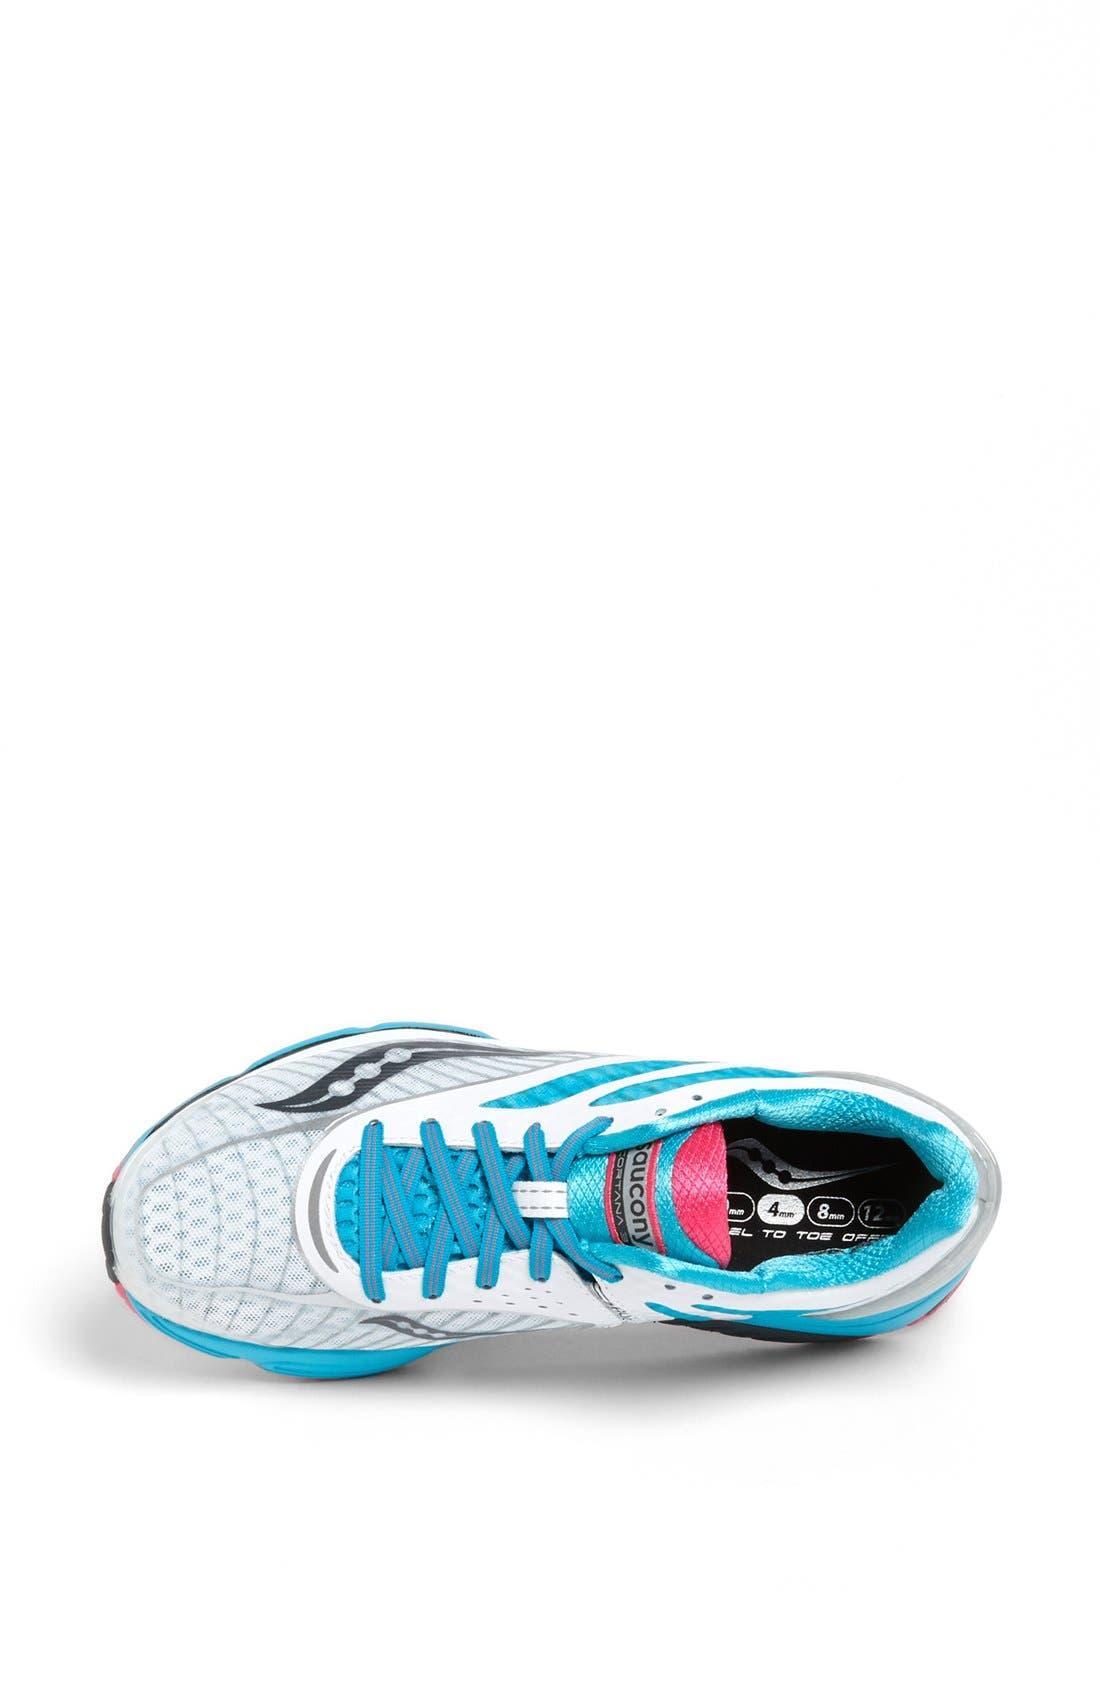 Alternate Image 3  - Saucony 'Cortana 3' Running Shoe (Women)